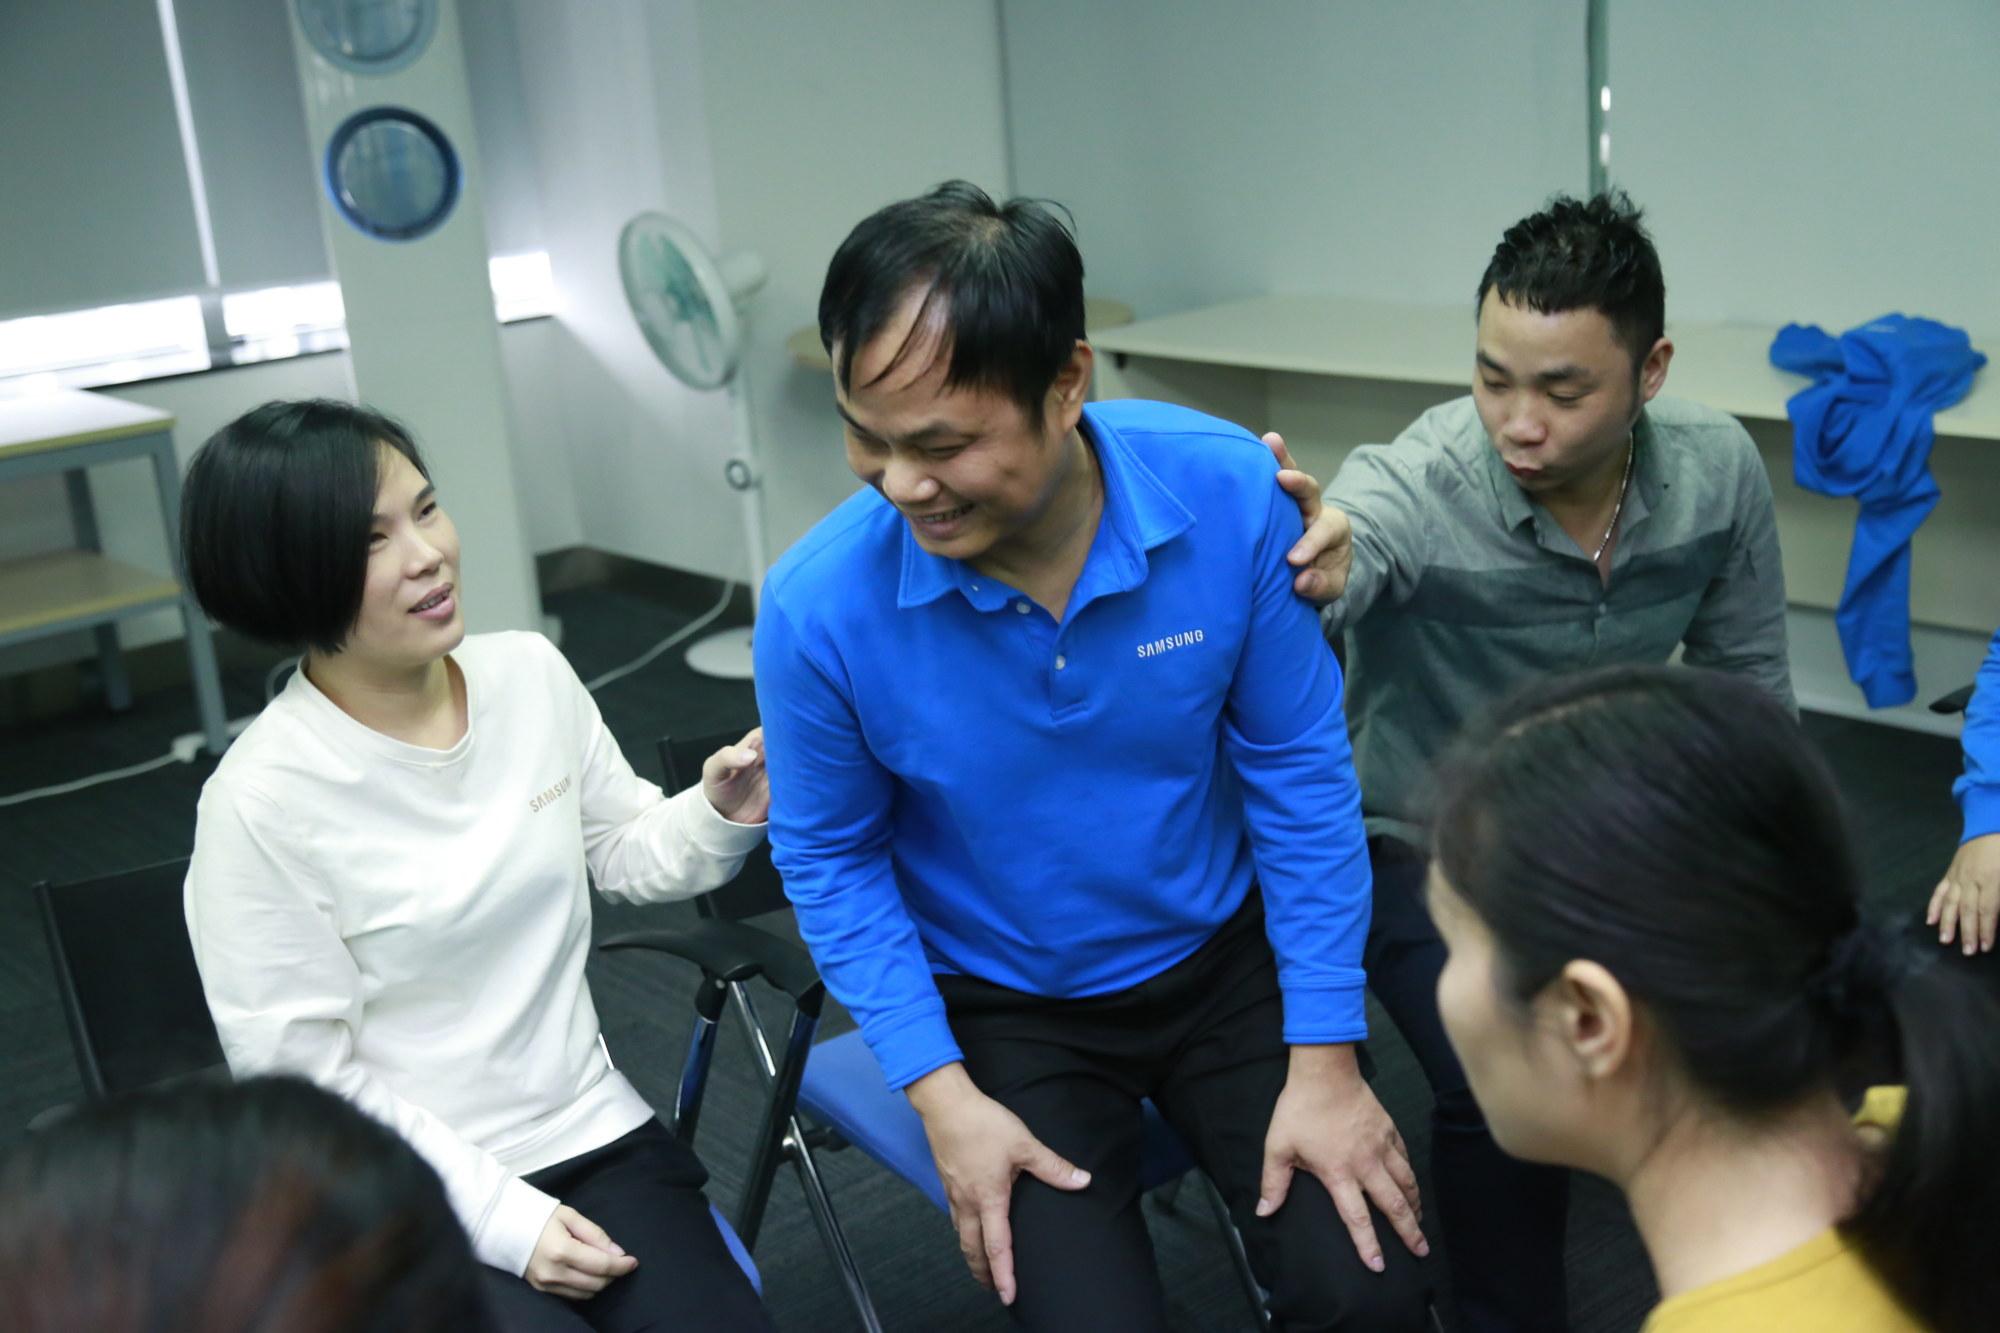 國家推廣培訓證書考試的主要內容